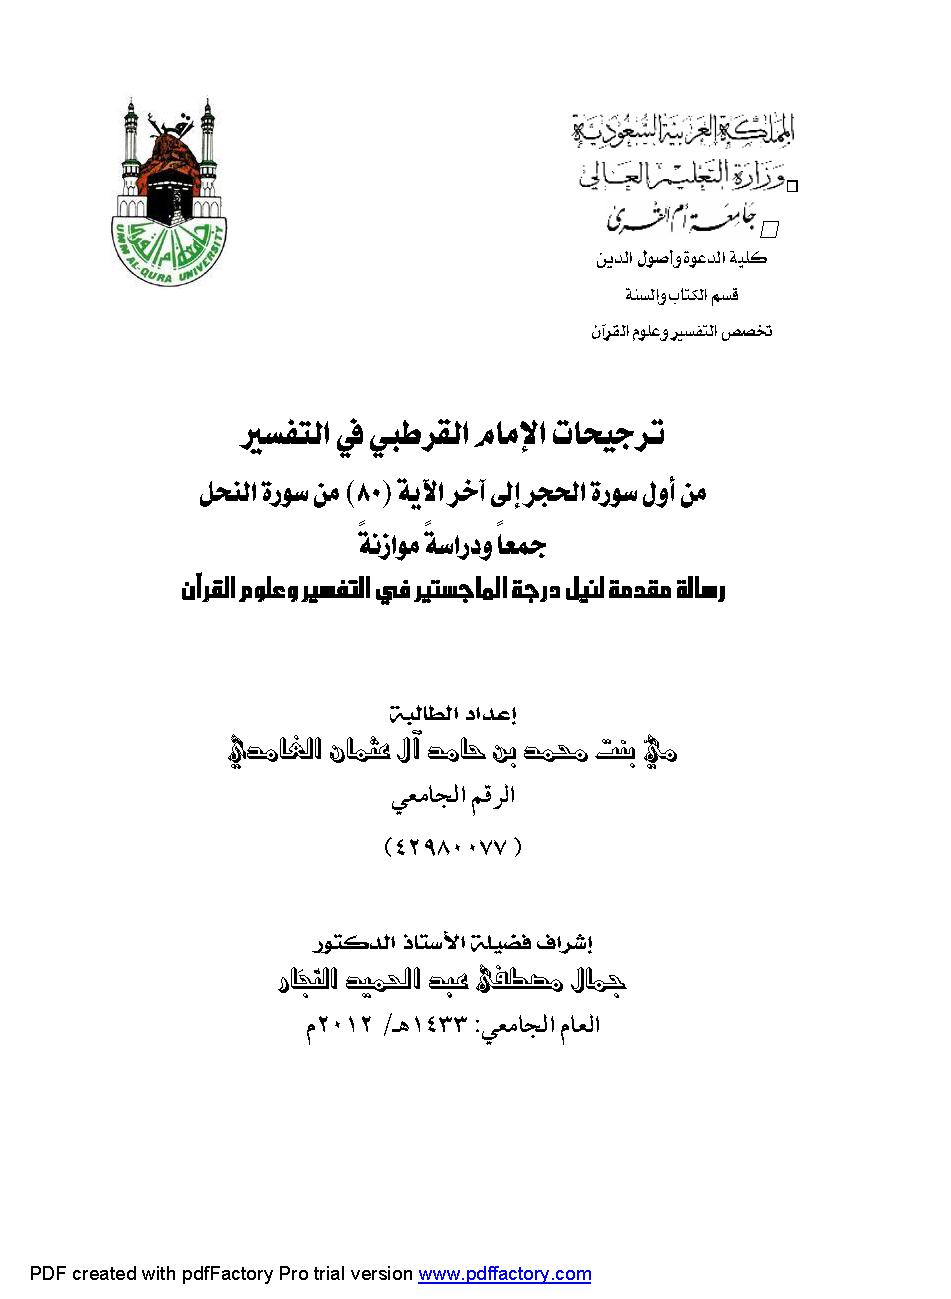 كتاب ترجيحات الإمام القرطبي في التفسير من أول سورة الحجر إلى آخر الآية (80) من سورة النحل (جمعًا ودراسةً وموازنة)